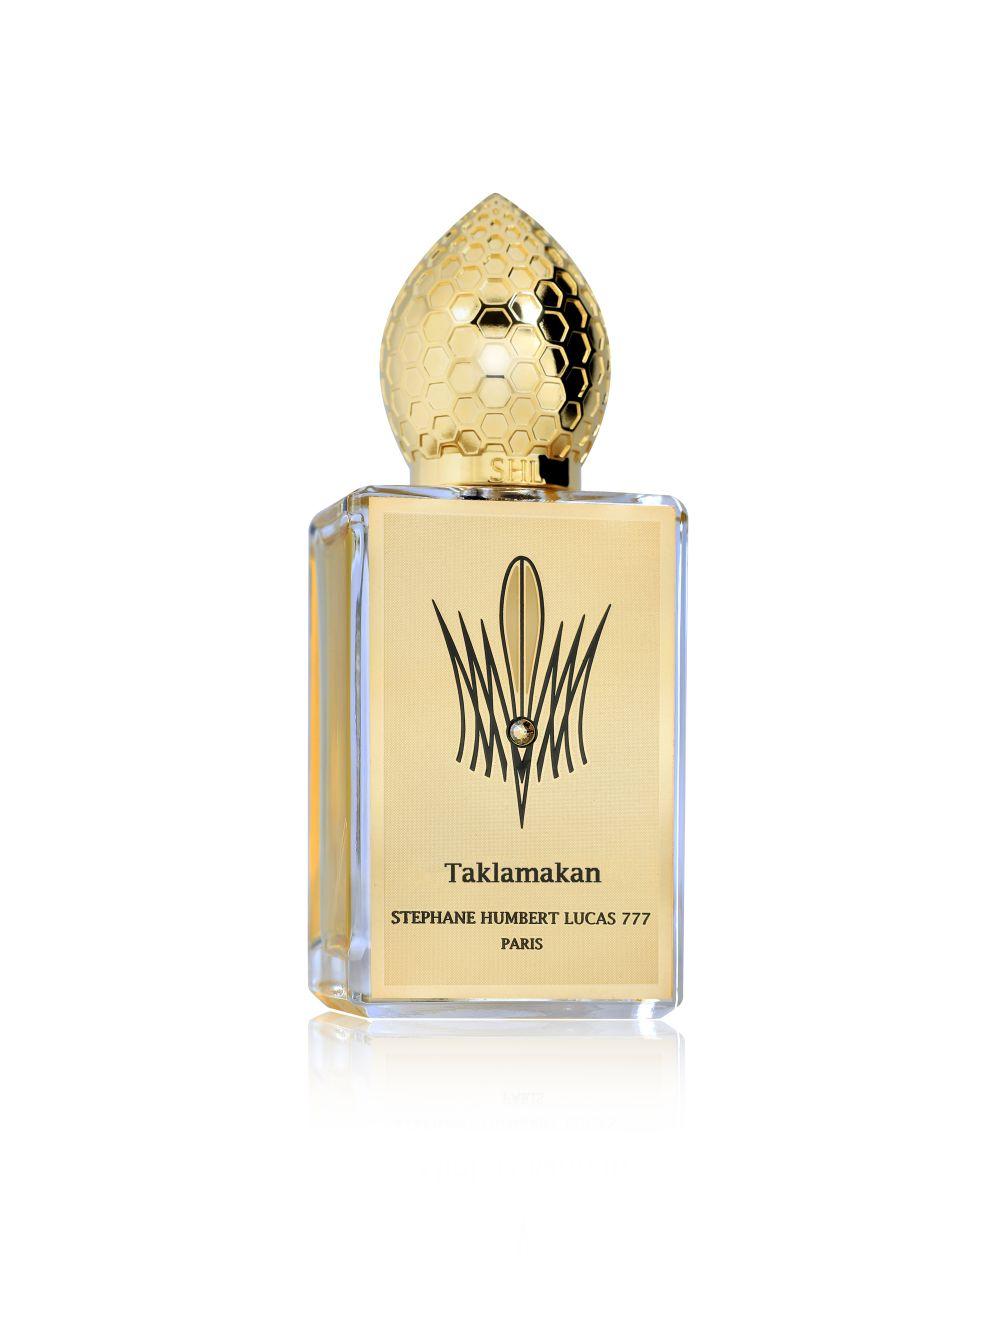 Stéphane Humbert Lucas 777 - Taklamakan - Eau de Parfum 50 ml